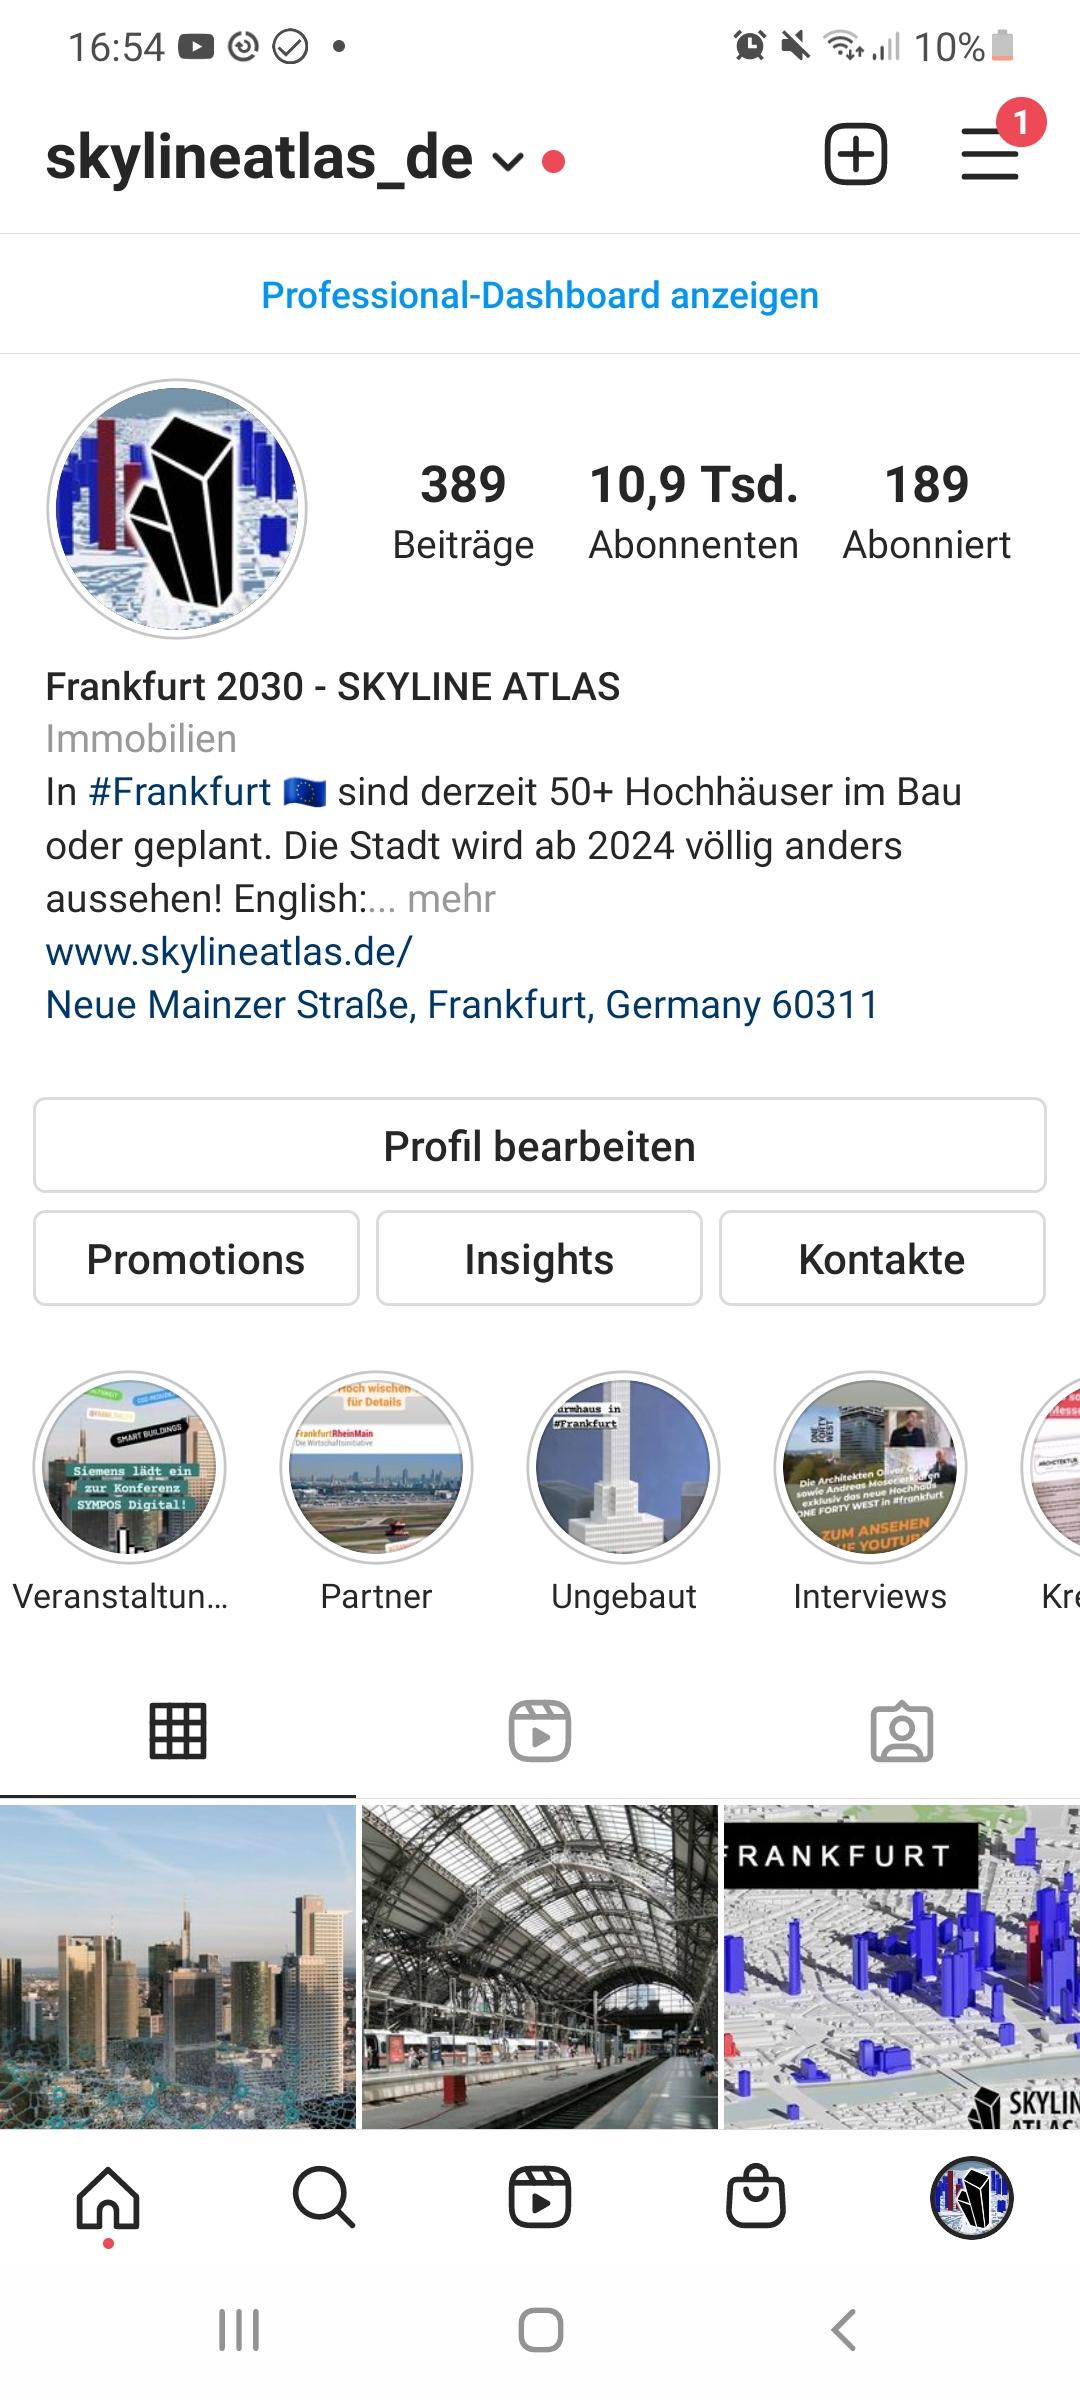 Immobilienportal SKYLINE ATLAS auf Instagram - Beispiel für soziale Median - Vorbild Instagram